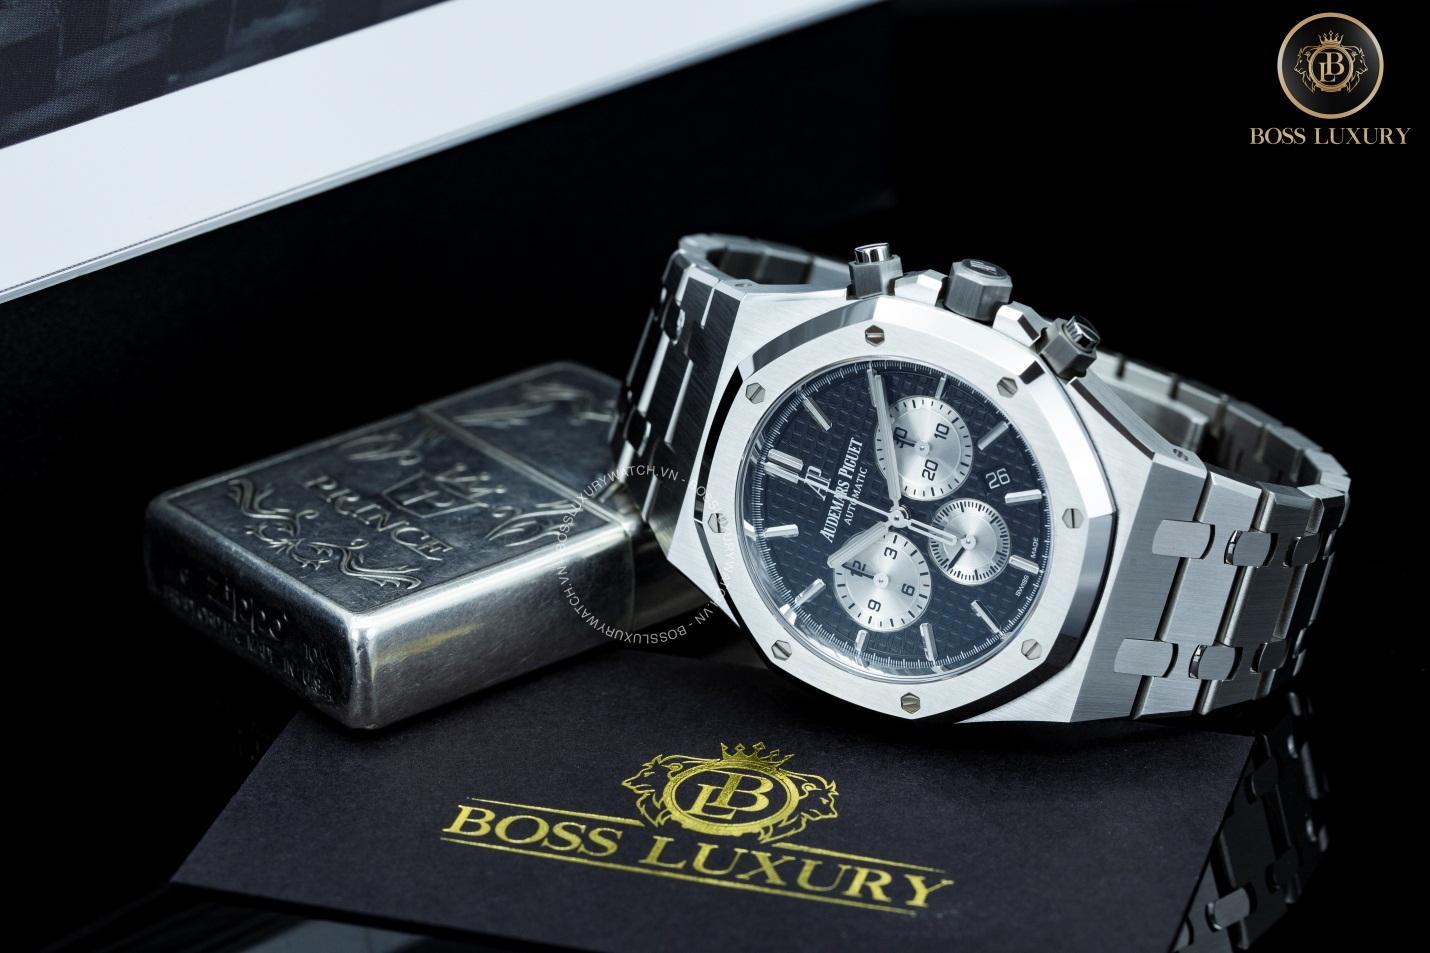 Boss Luxury mách bạn 5 mẫu đồng hồ nam tuyệt đẹp theo từng phong cách - Ảnh 4